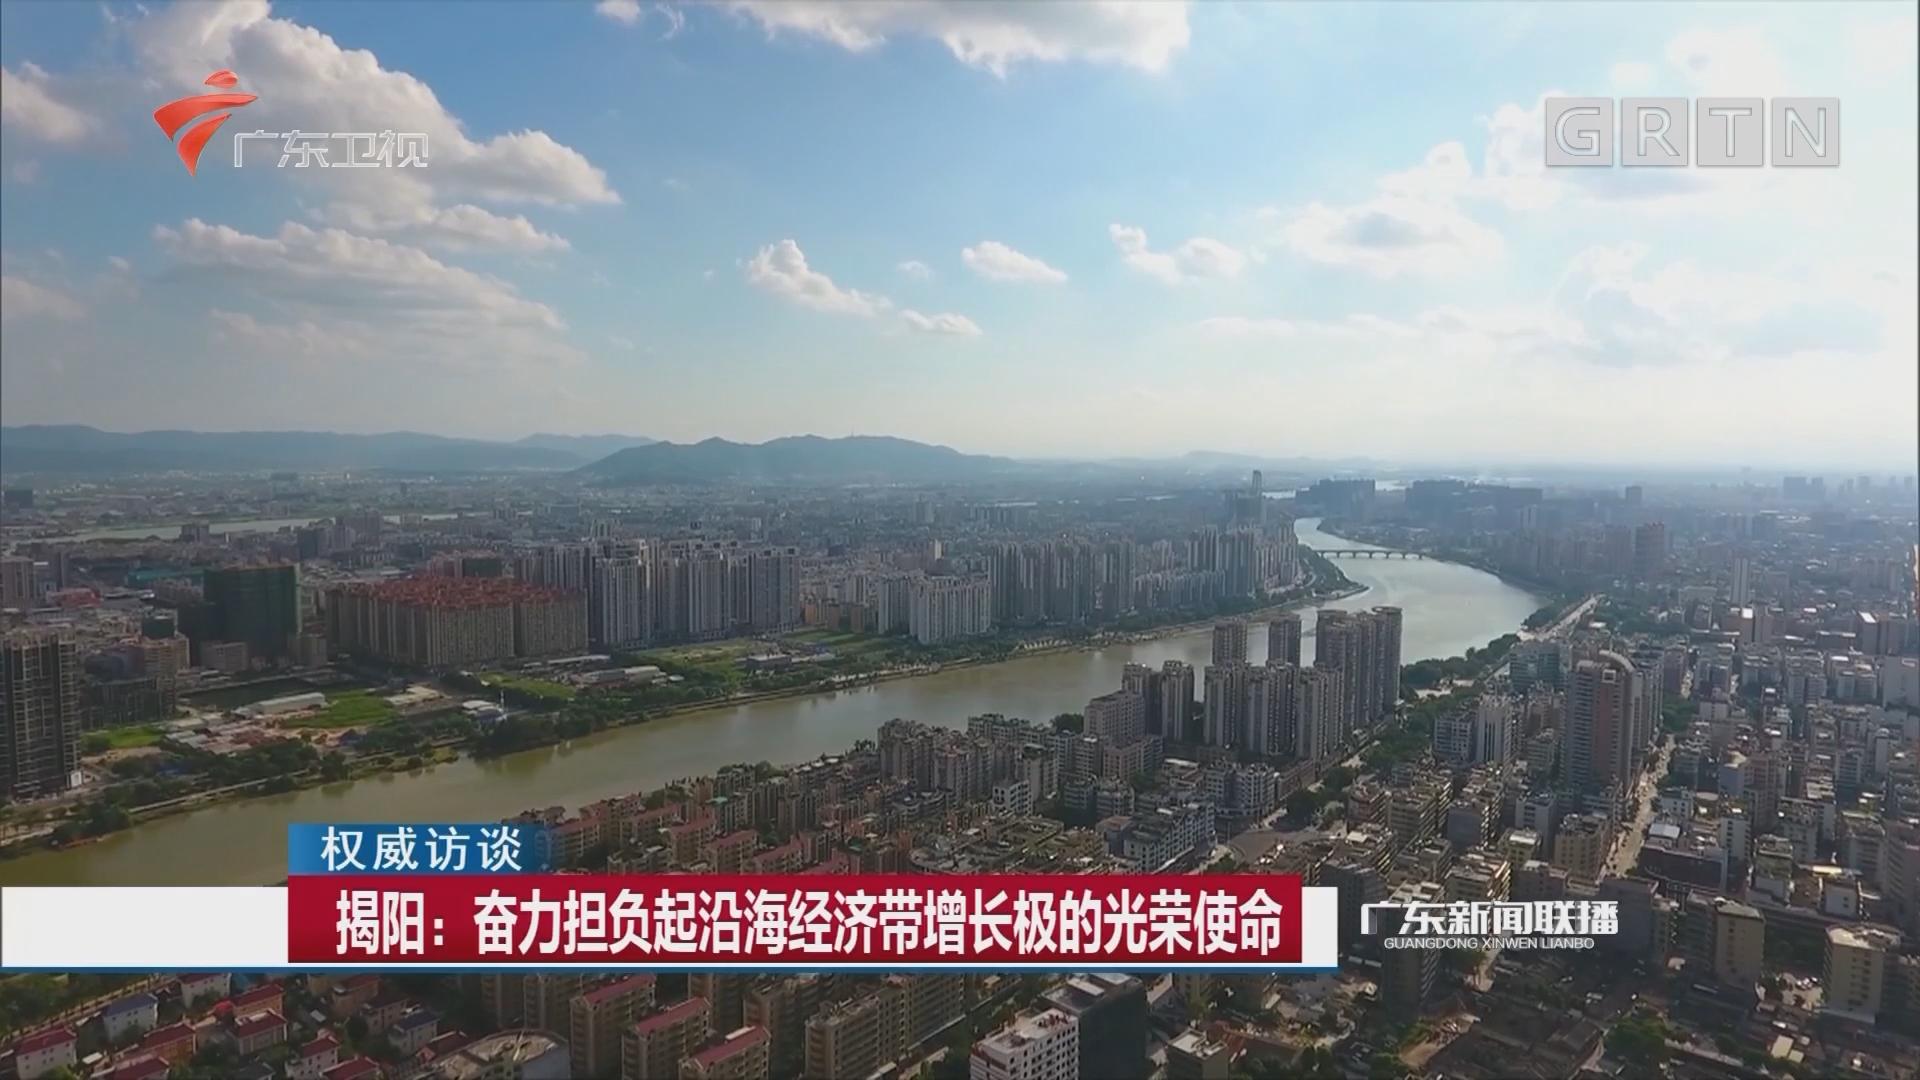 揭阳:奋力担负起沿海经济带增长极的光荣使命